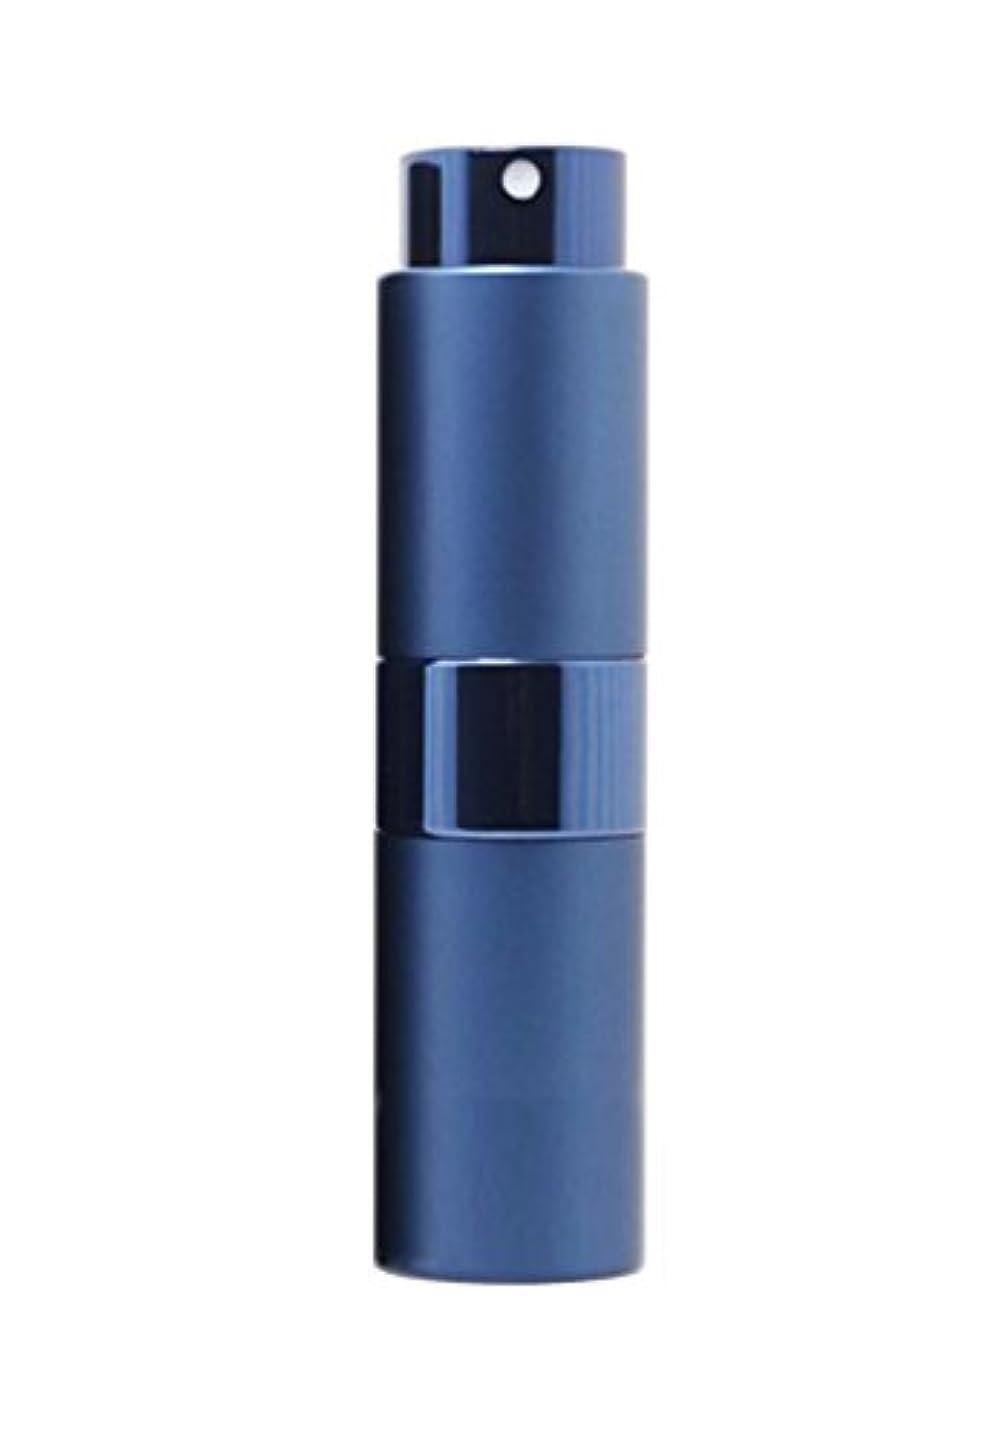 リネン凶暴な不安定NYSh 香水 アトマイザー プッシュ式 スプレー 詰め替え 携帯 身だしなみ メンズ 15ml (ブルー)